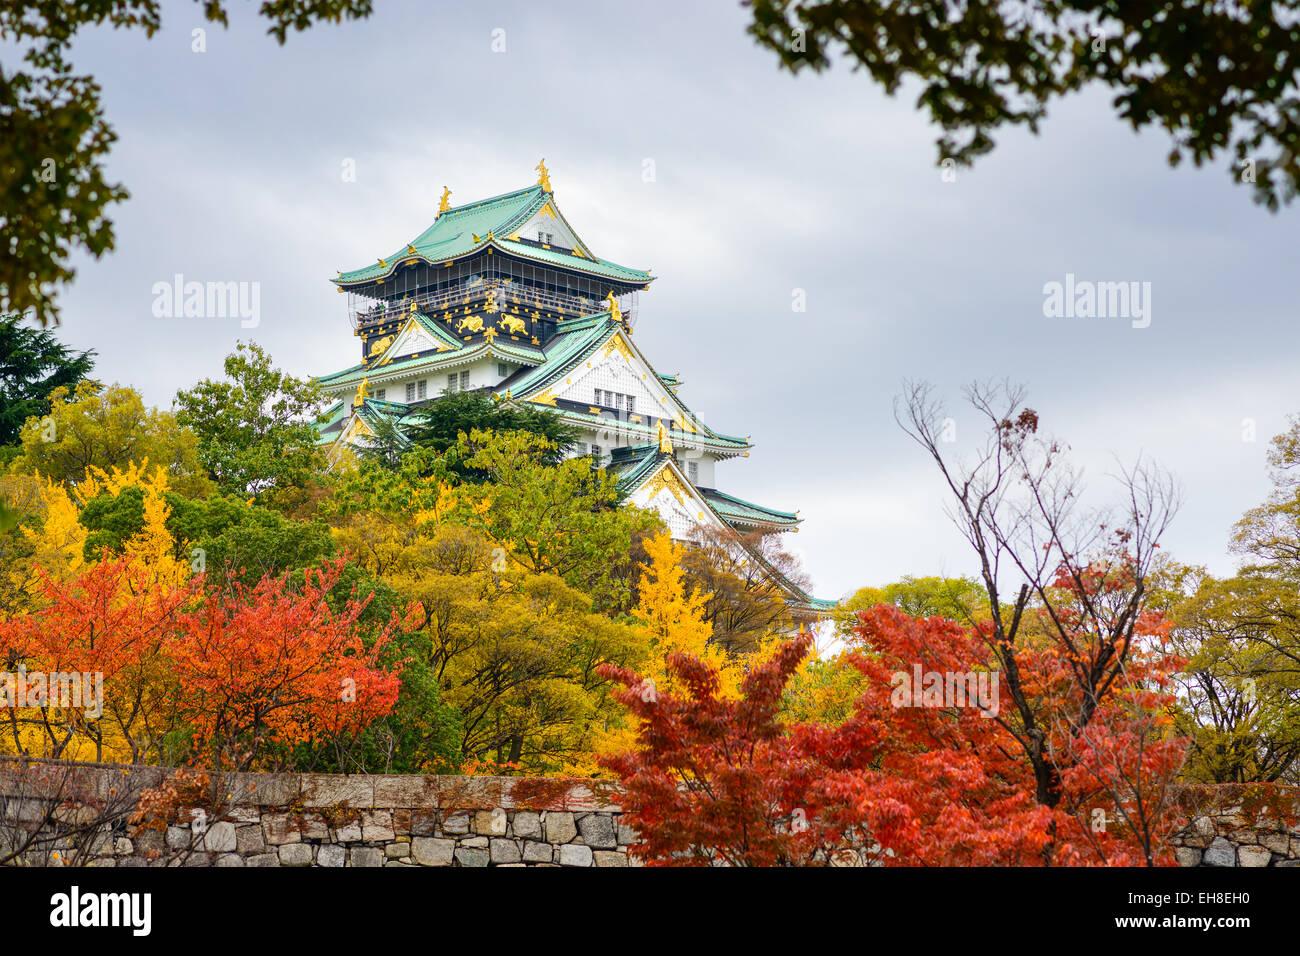 Osaka Castle in the autumn season. - Stock Image